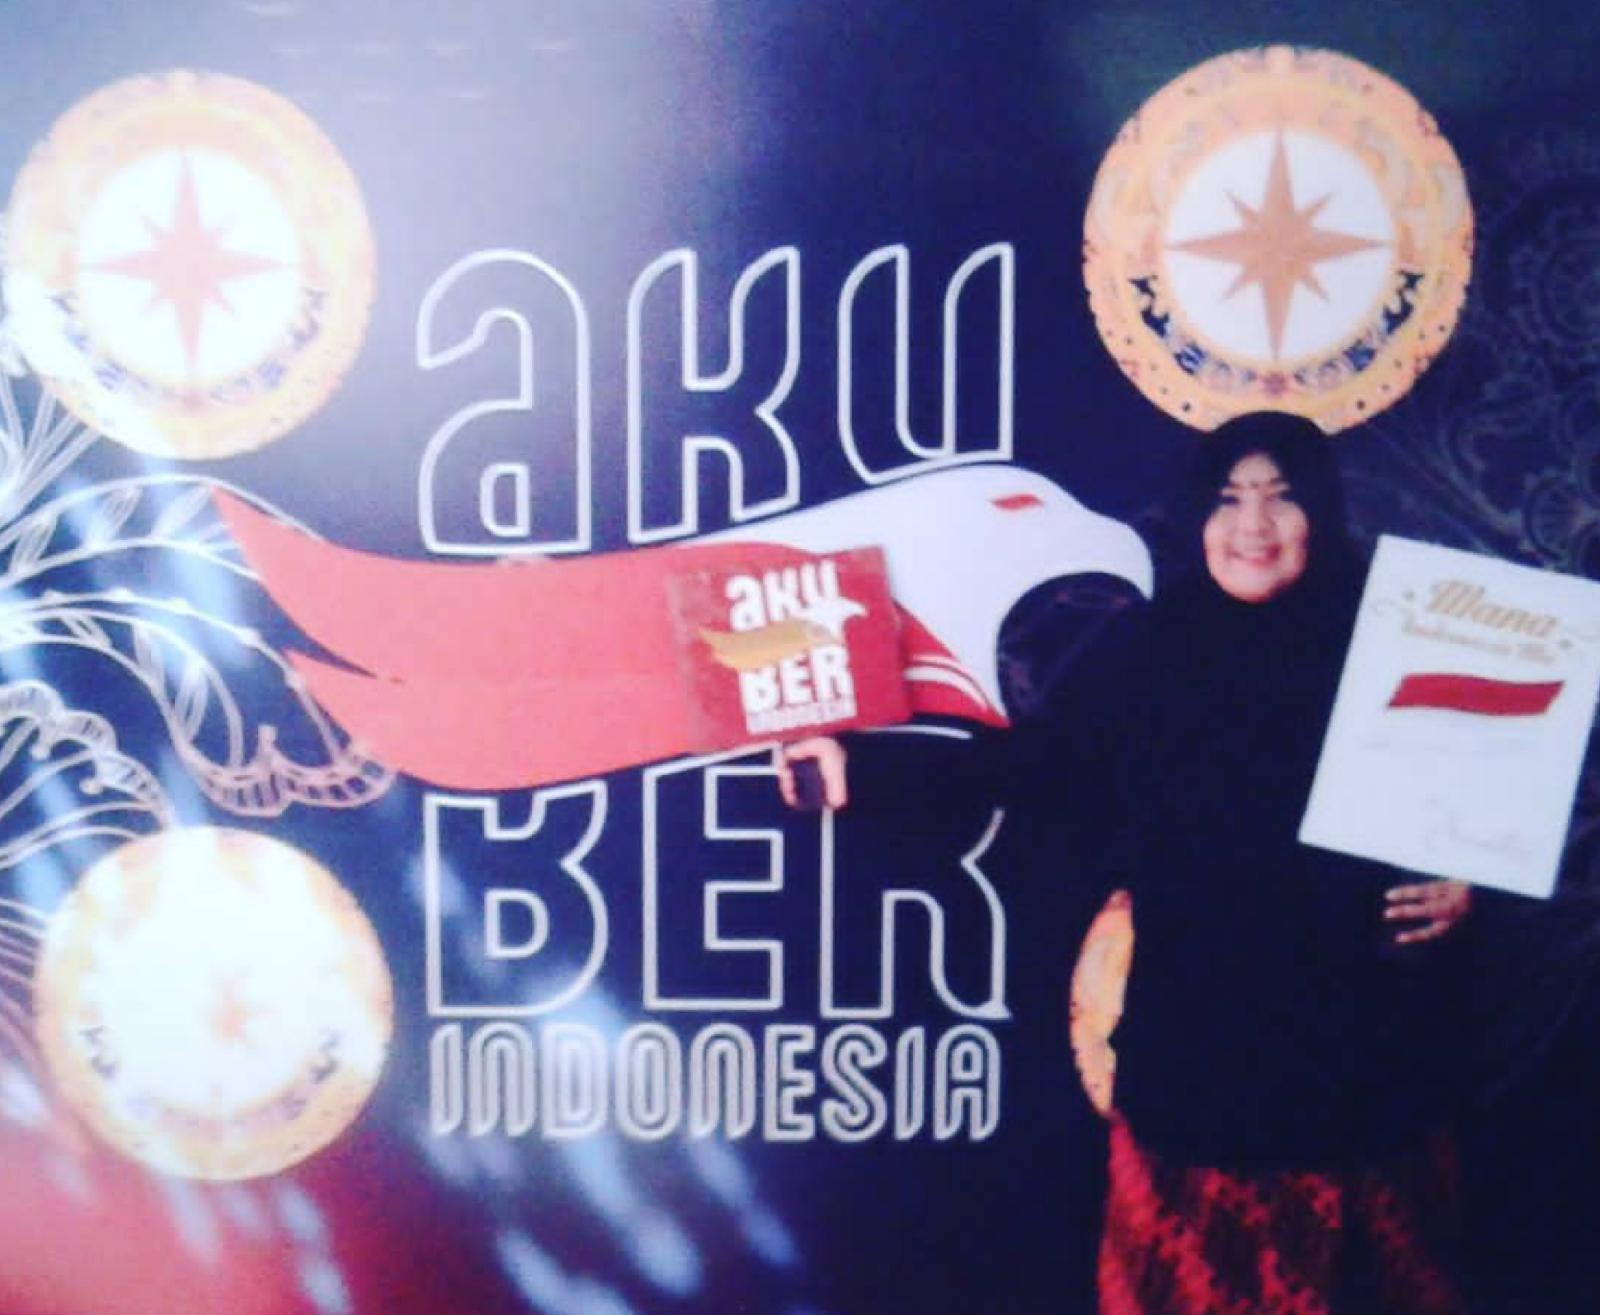 Ayo Galang Persatuan dengan Aku BerIndonesia